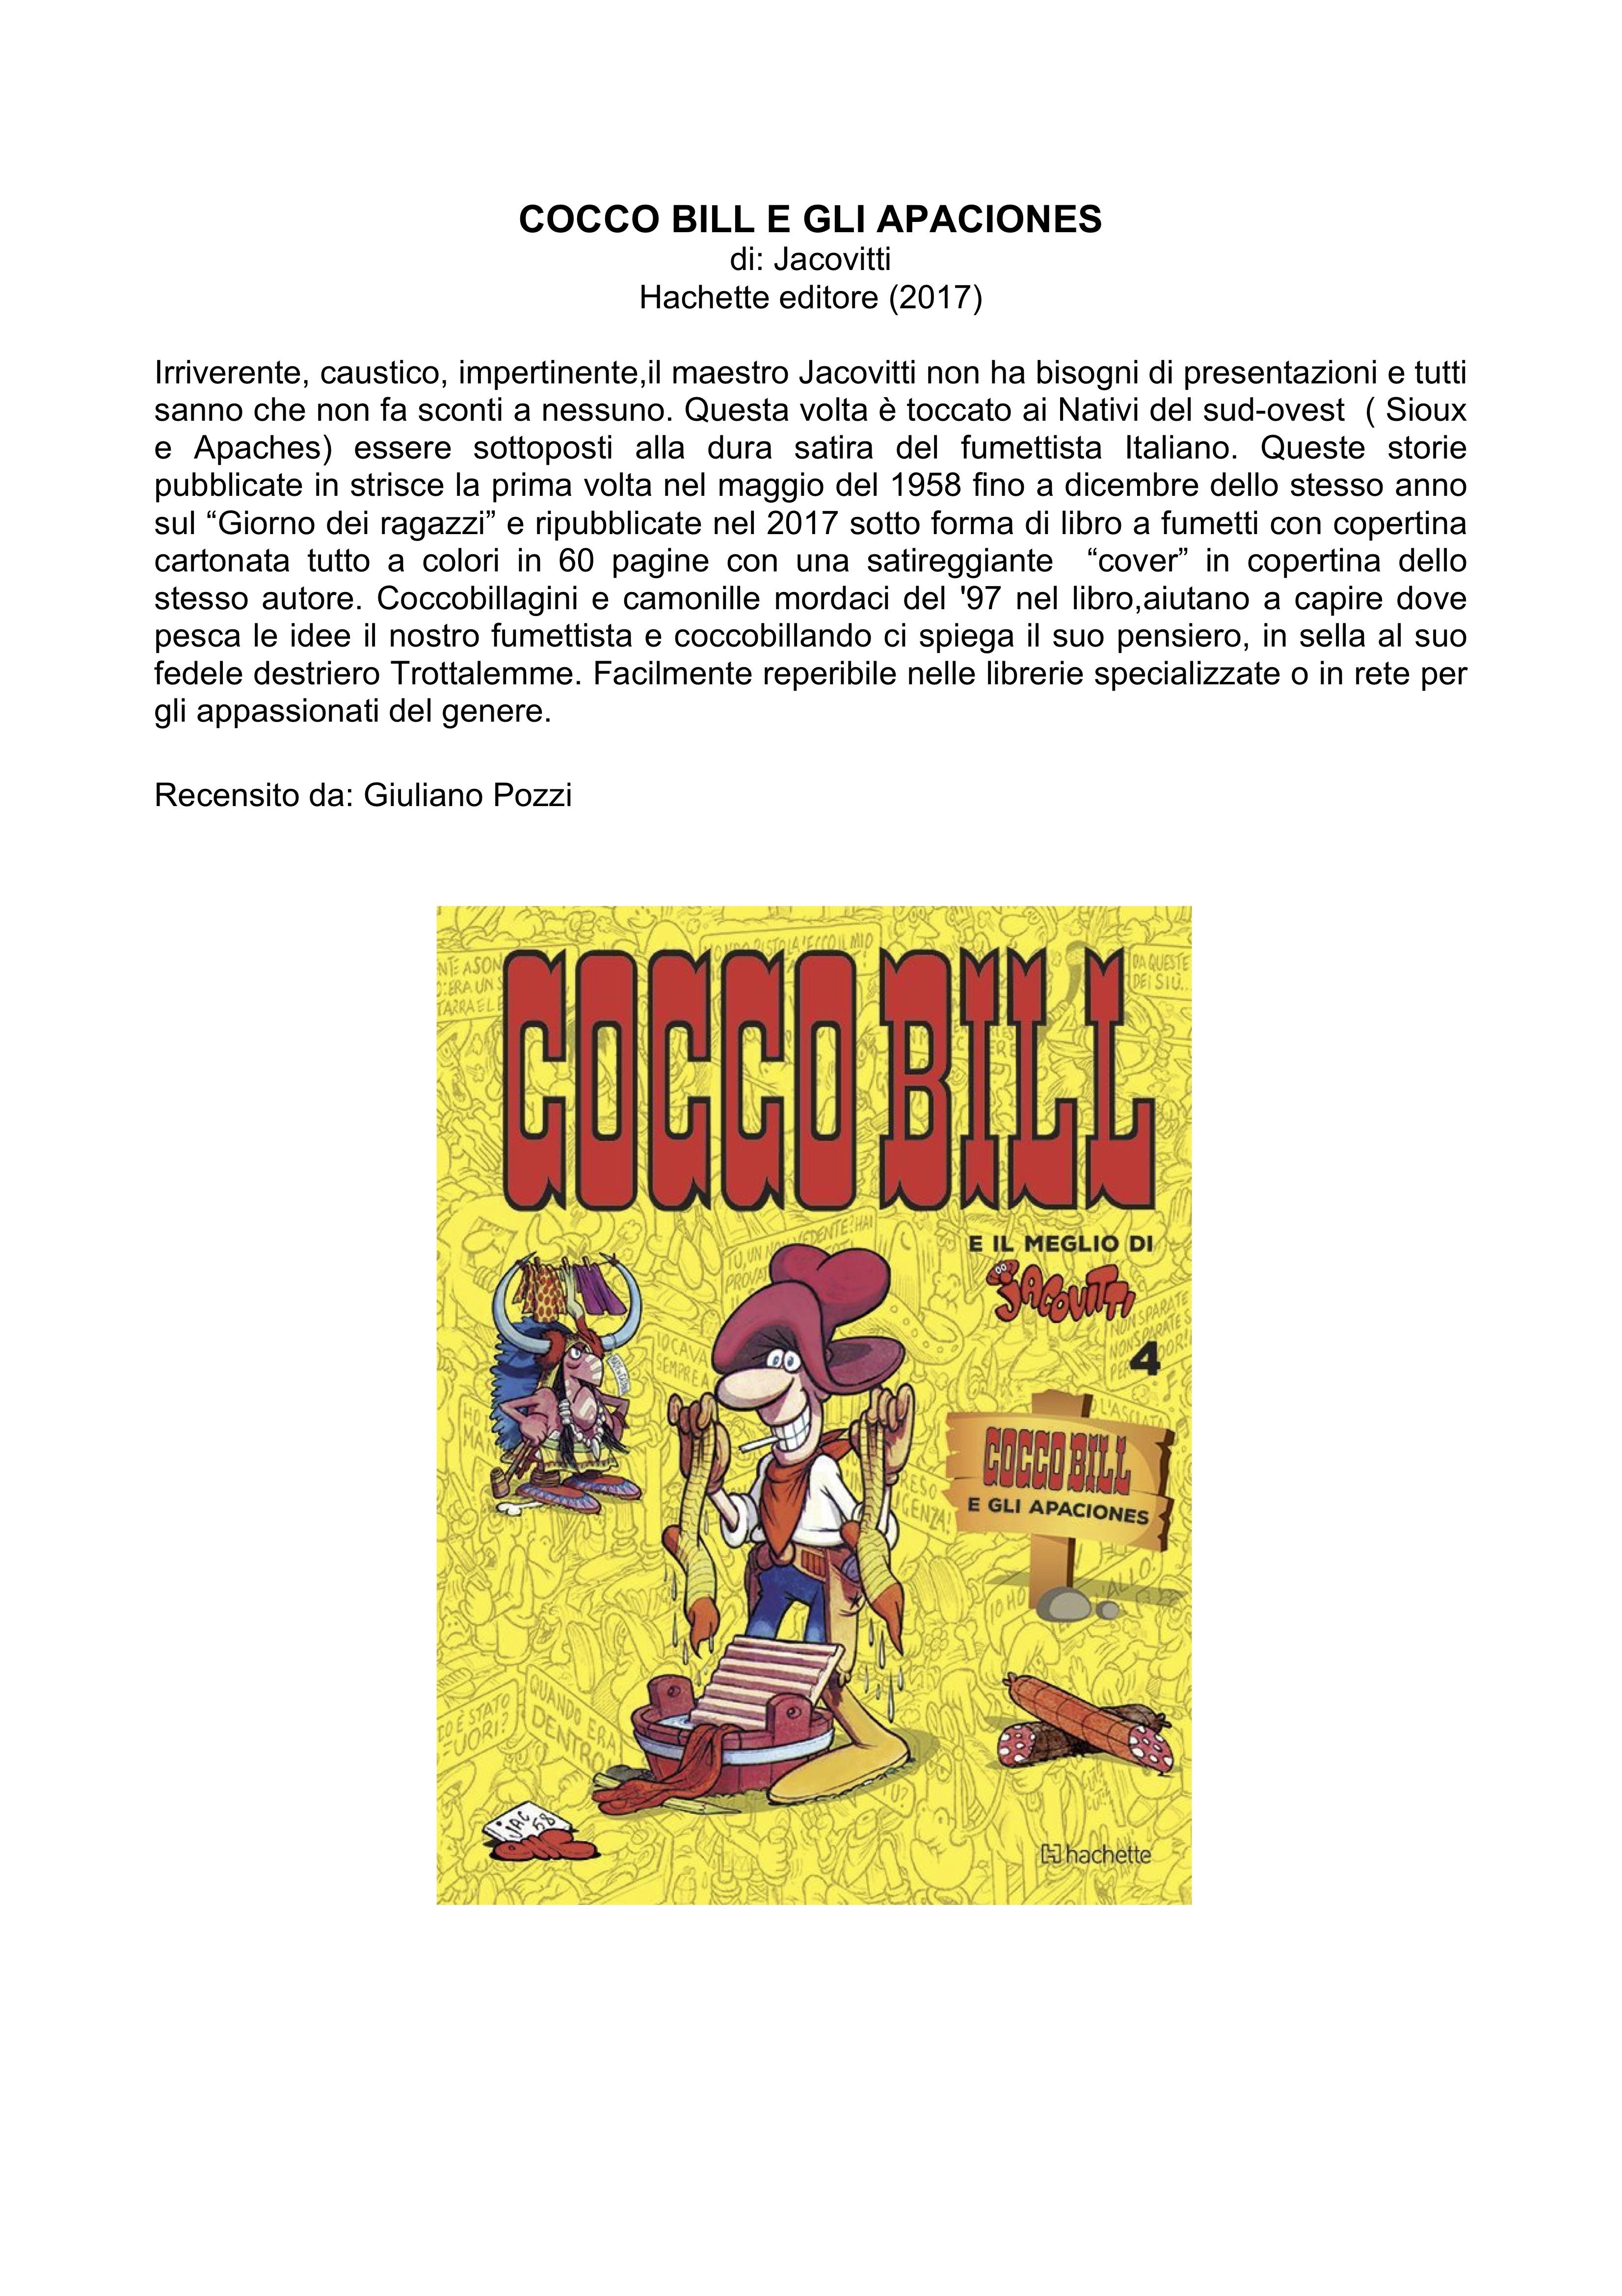 COCCO BILL E GLI APACIONES